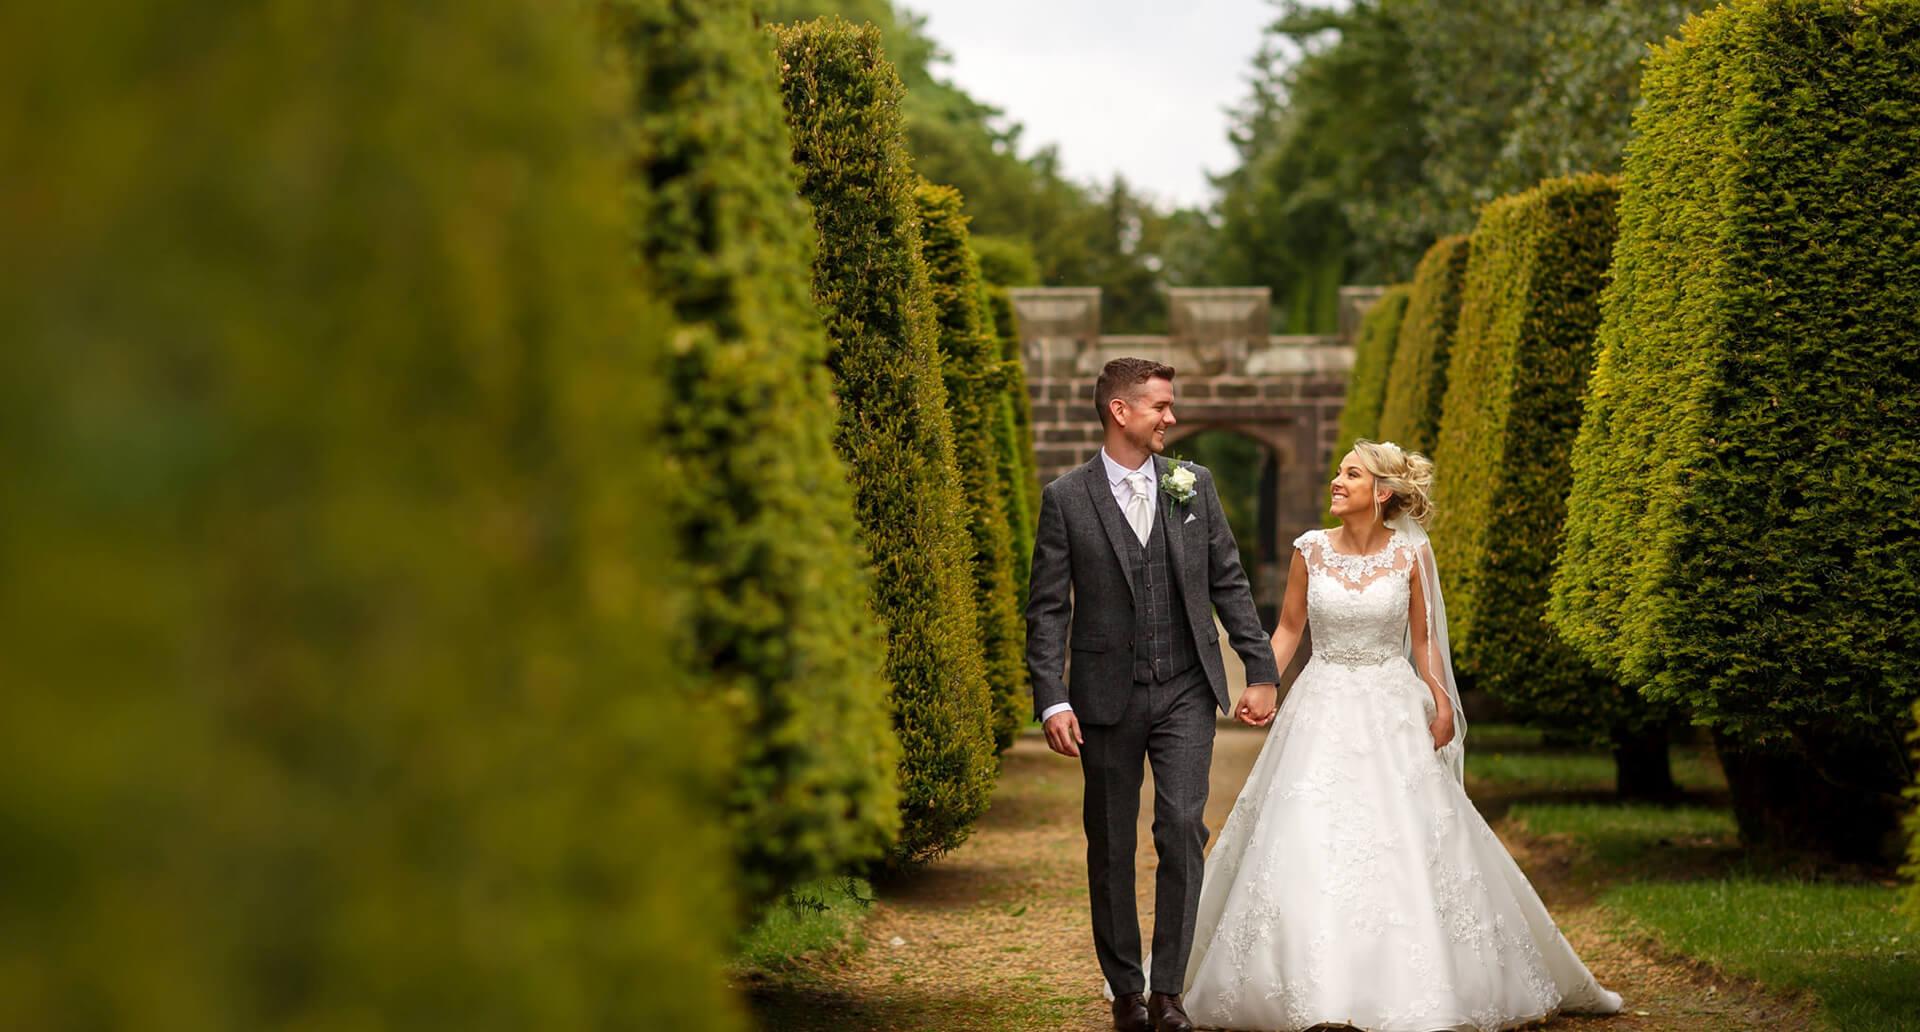 weddings hoghton tower - Micro Weddings